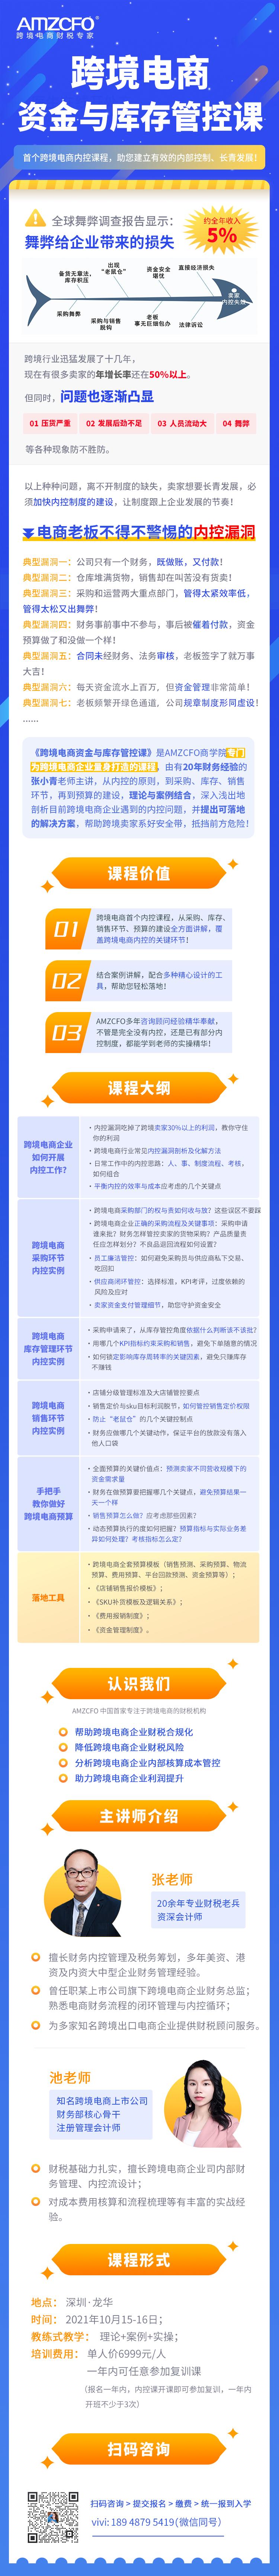 企业内控720详情页.png